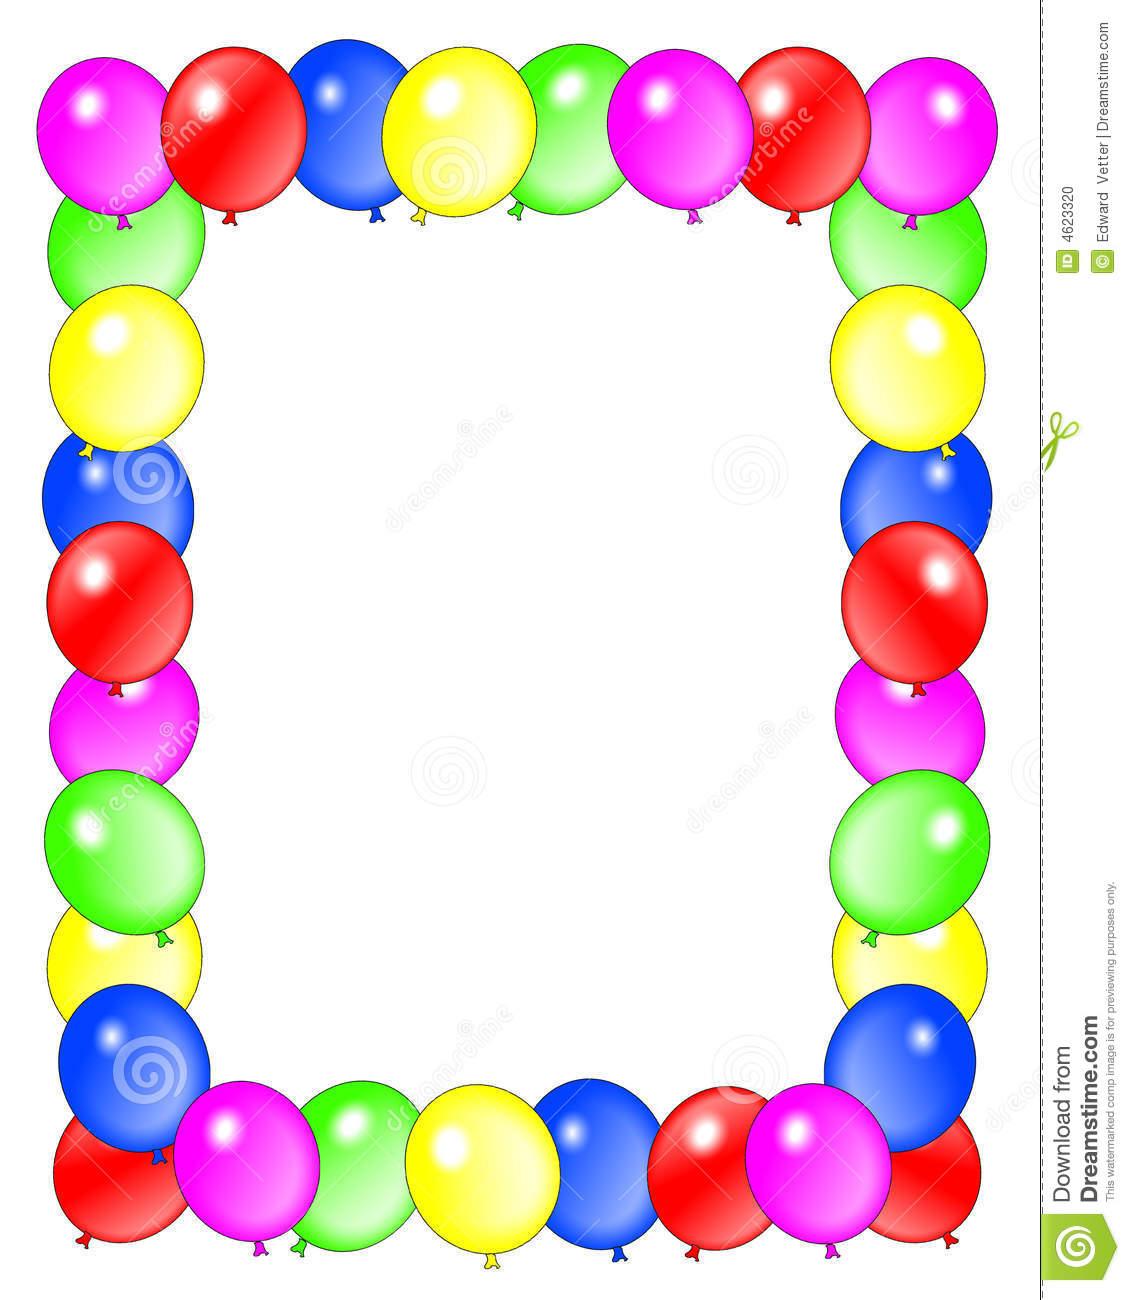 1130x1300 Birthday clipart border